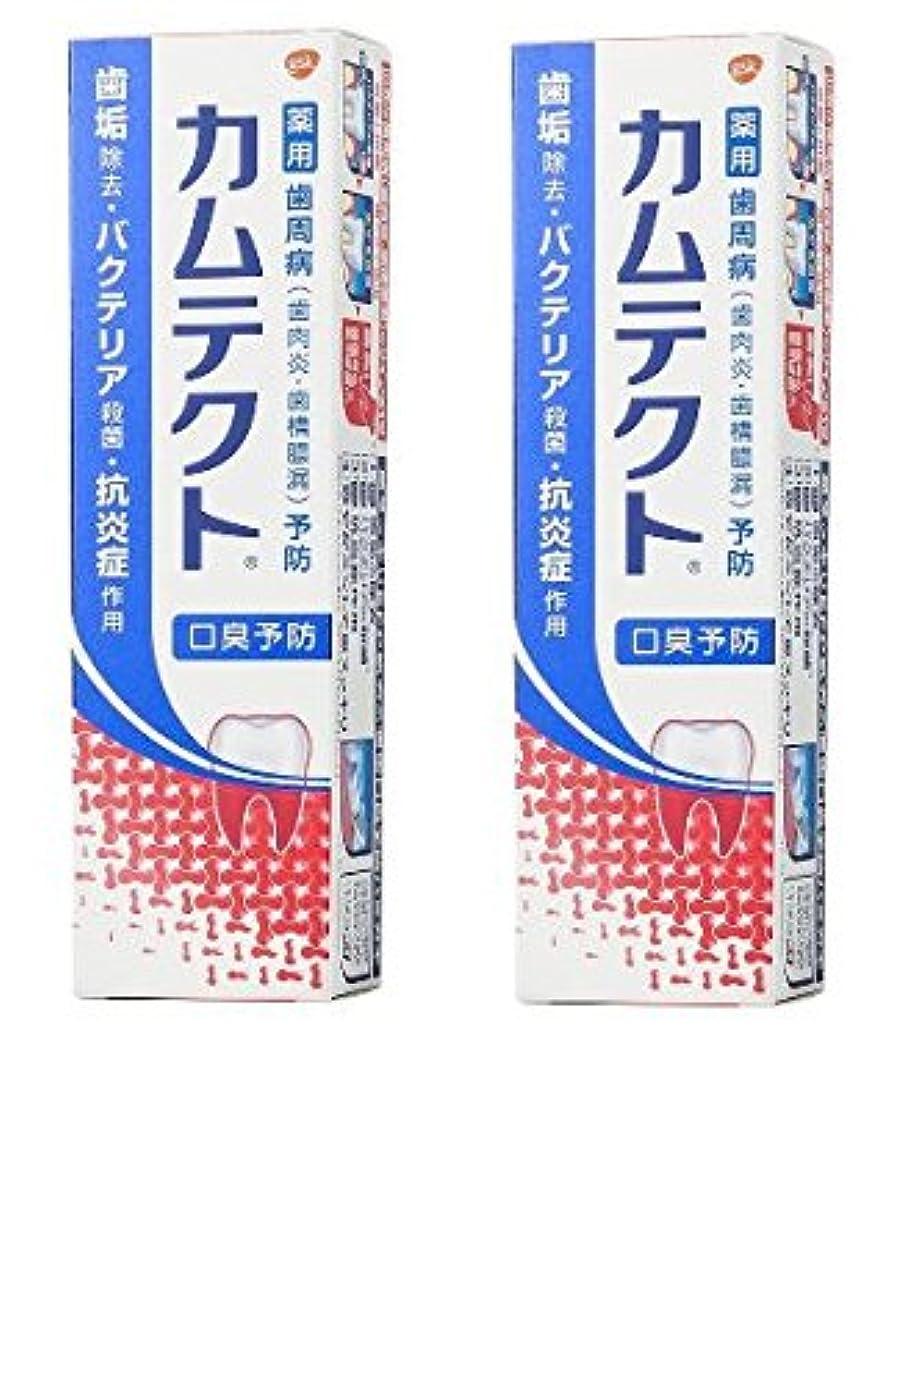 乱闘脅威魅惑する【まとめ買い】カムテクト 口臭予防 歯周病(歯肉炎?歯槽膿漏) 予防 歯みがき粉 105g × 2個